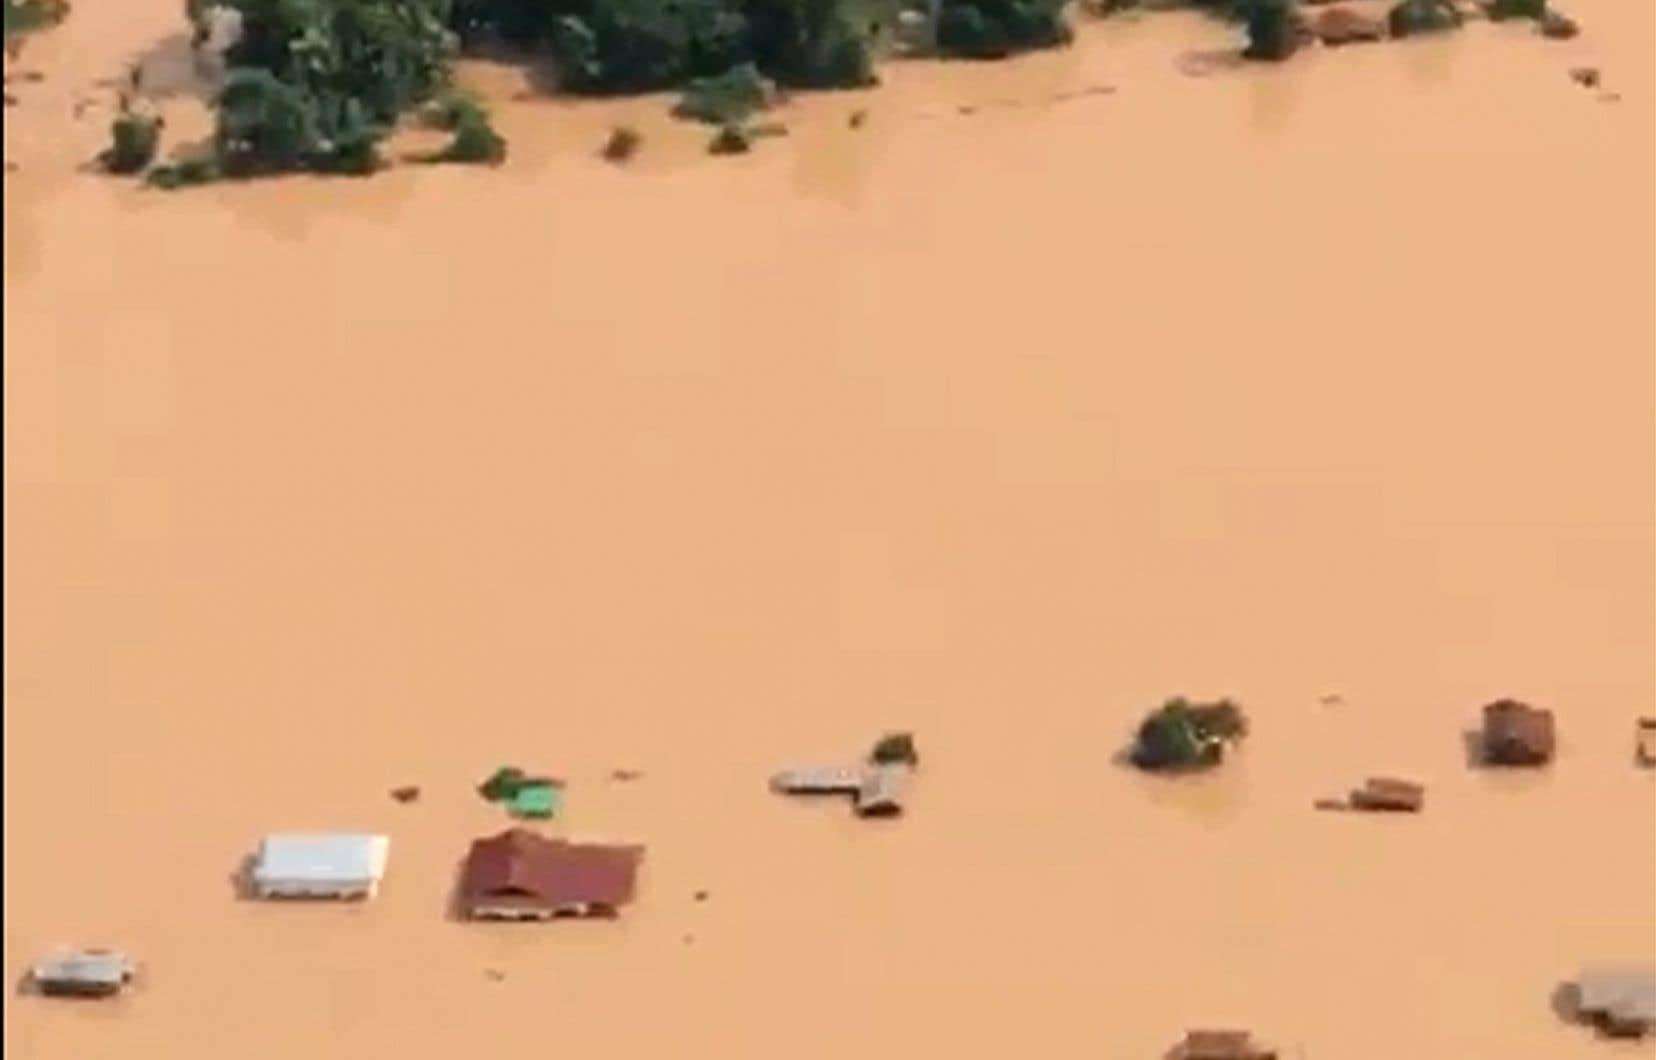 Le barrage s'est effondré lundi soir, libérant cinq milliards de mètres cubes d'eau et faisant «plusieurs morts et des centaines de disparus».